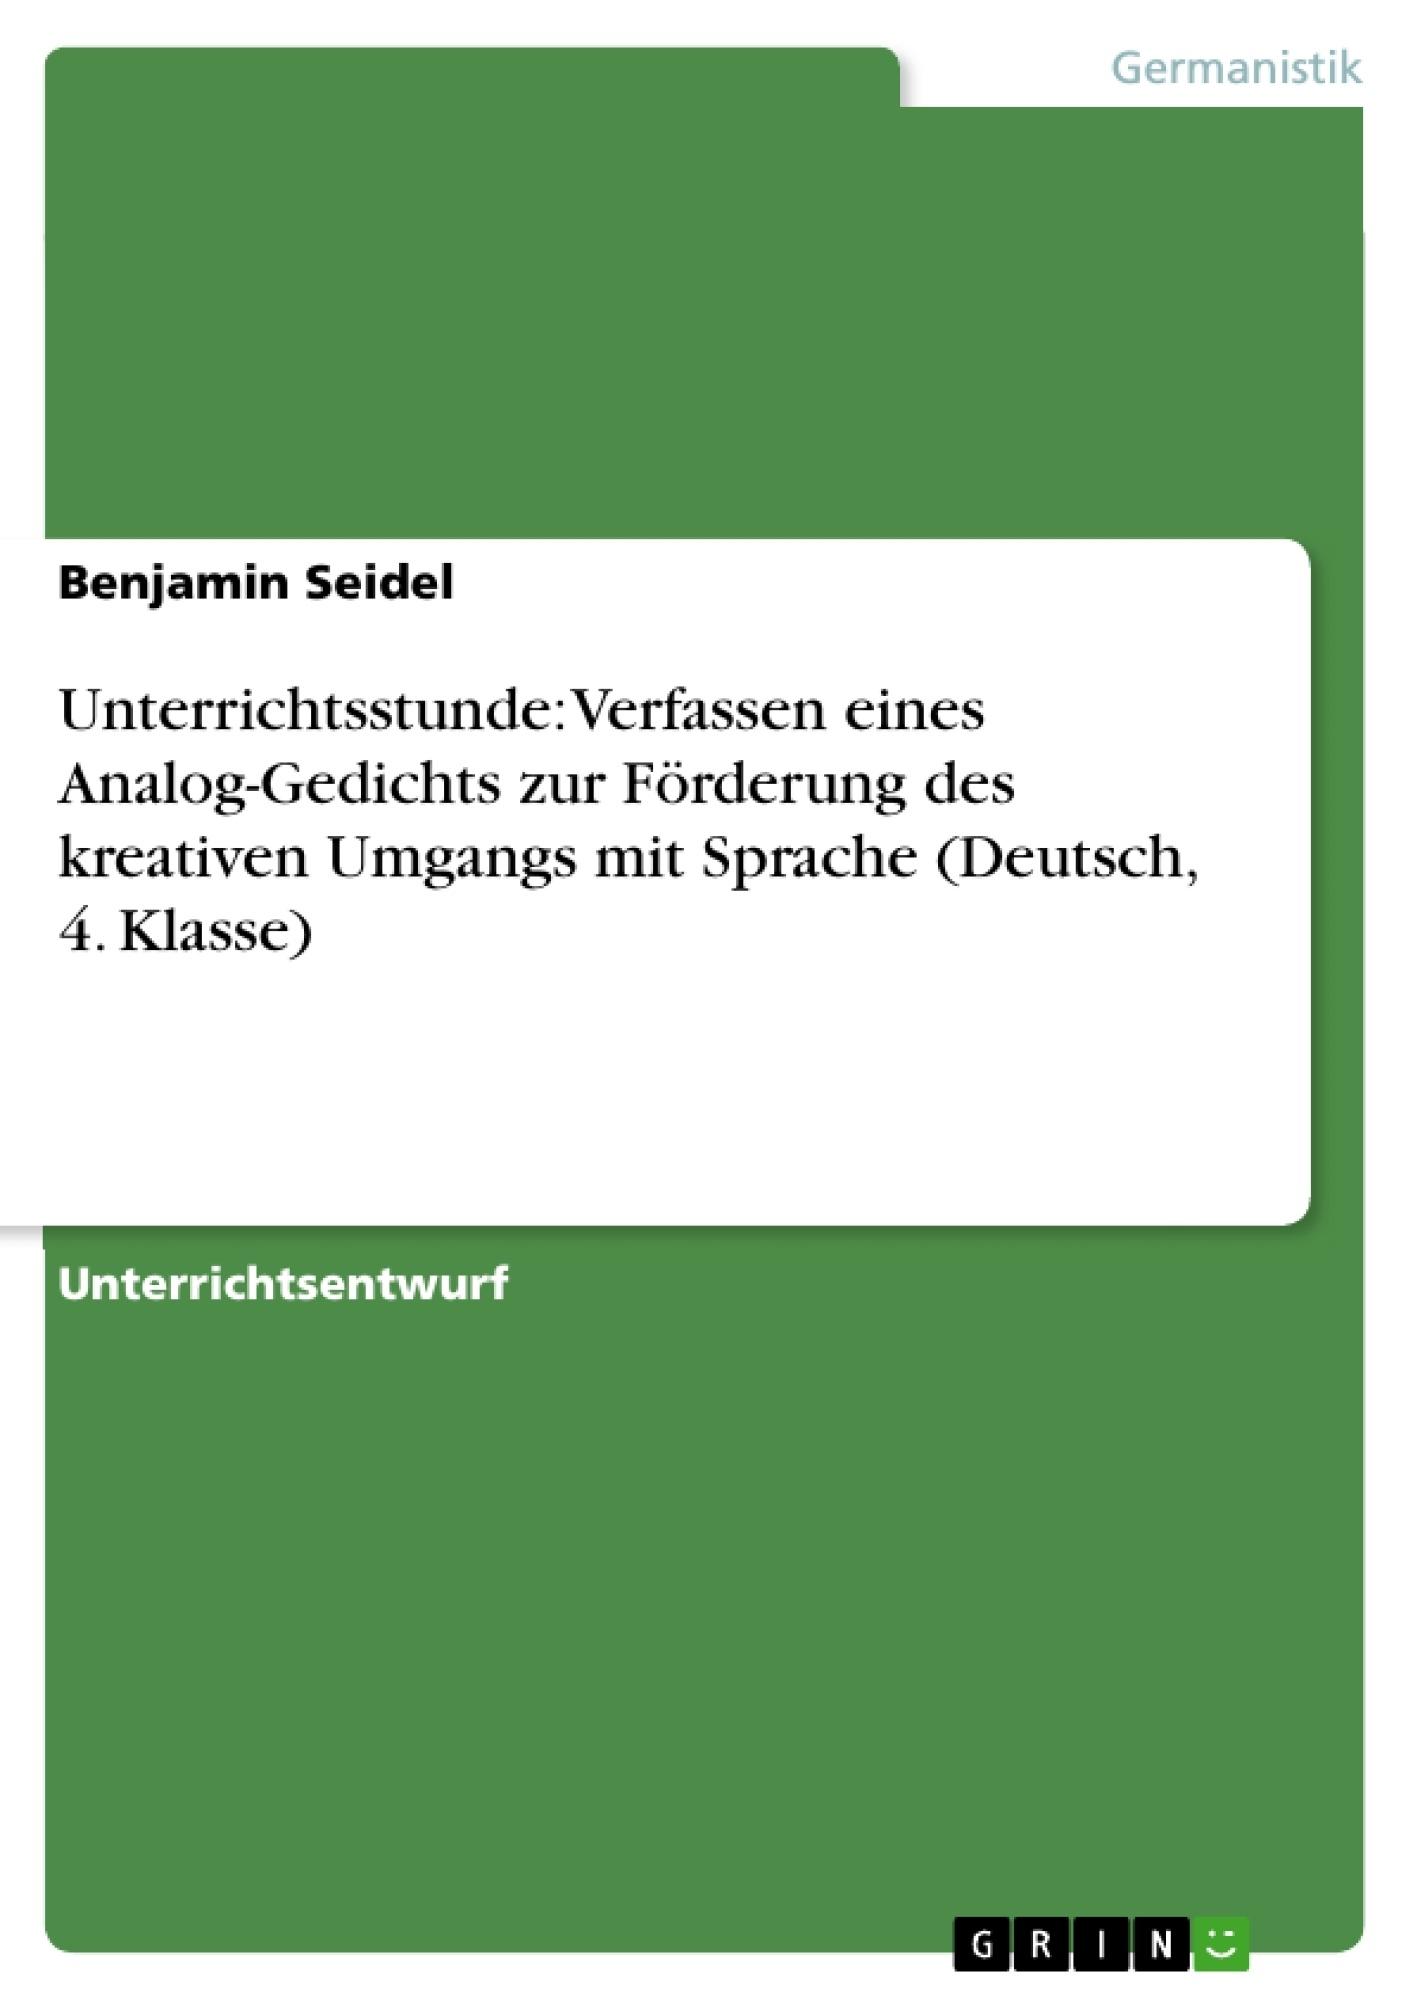 Titel: Unterrichtsstunde: Verfassen eines Analog-Gedichts zur Förderung des kreativen Umgangs mit Sprache (Deutsch, 4. Klasse)